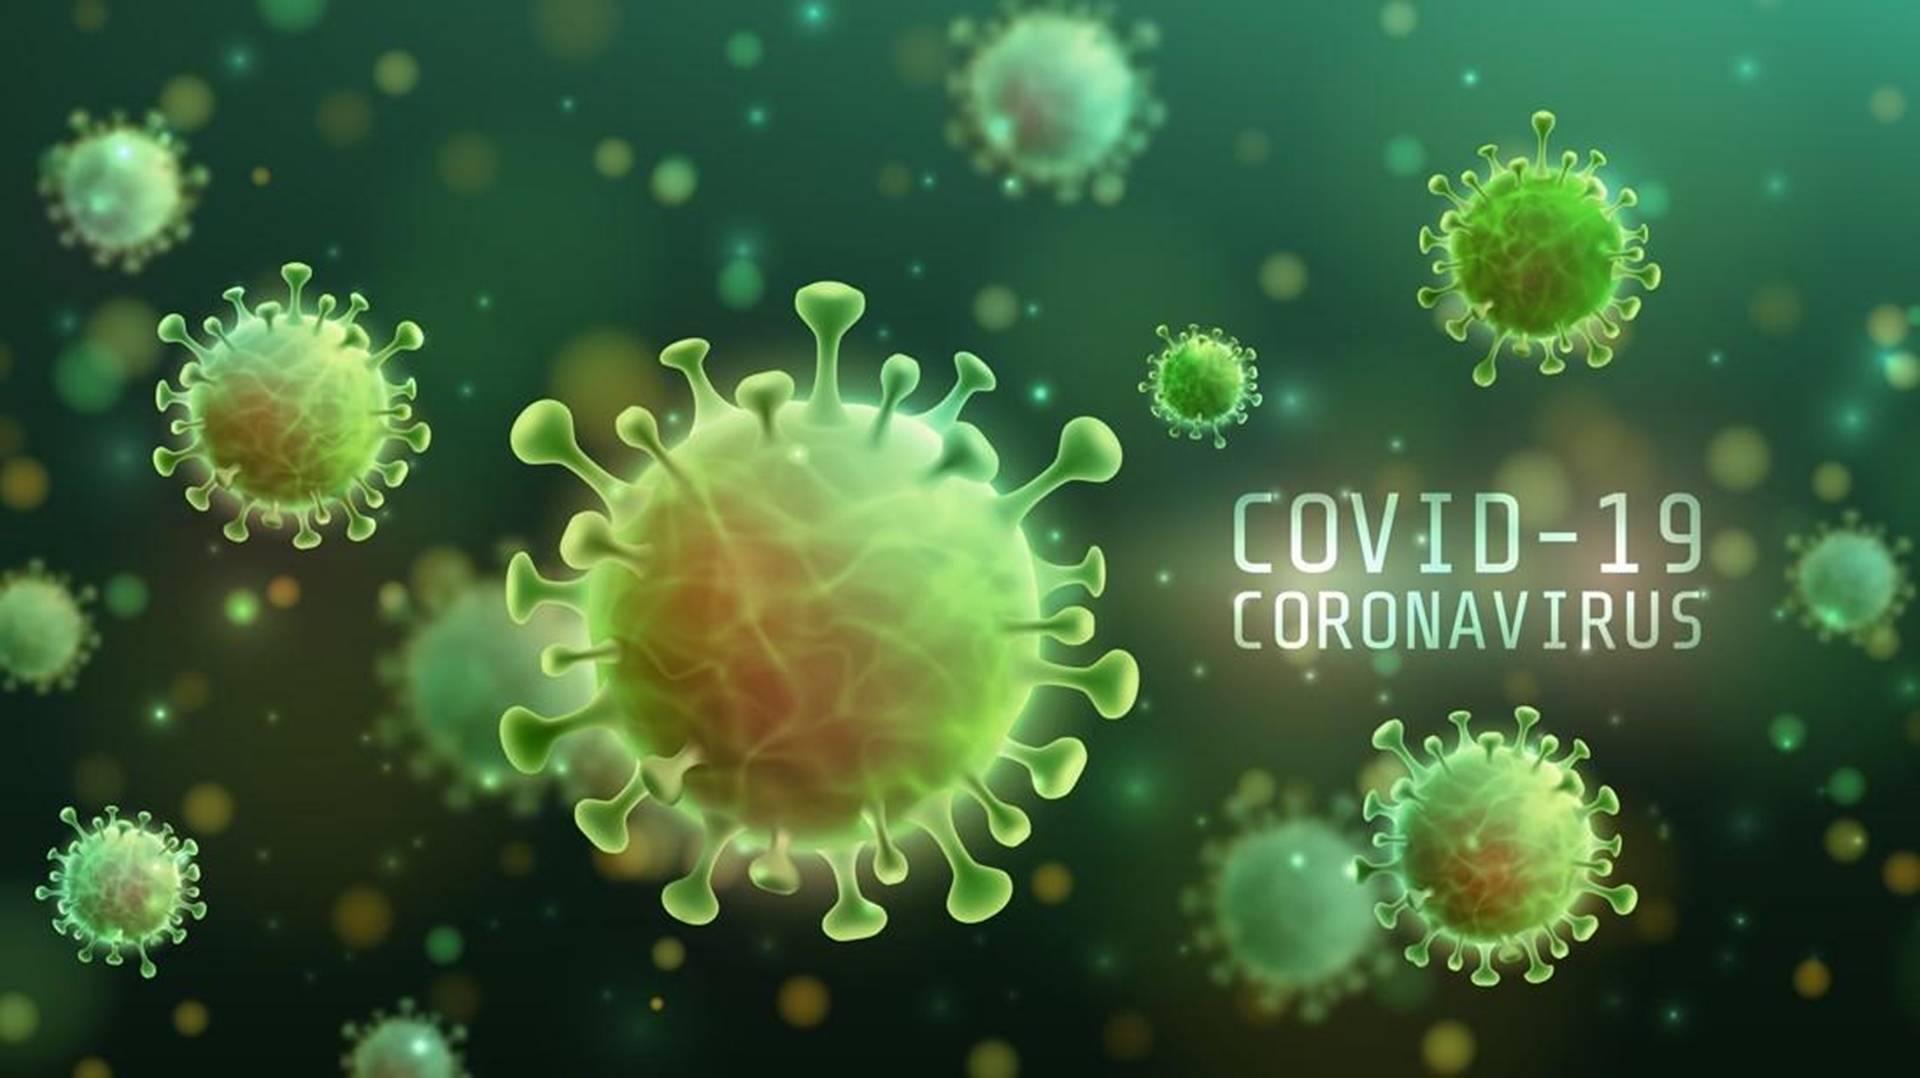 Brasil investe mais que a média dos países avançados no combate ao novo coronavírus